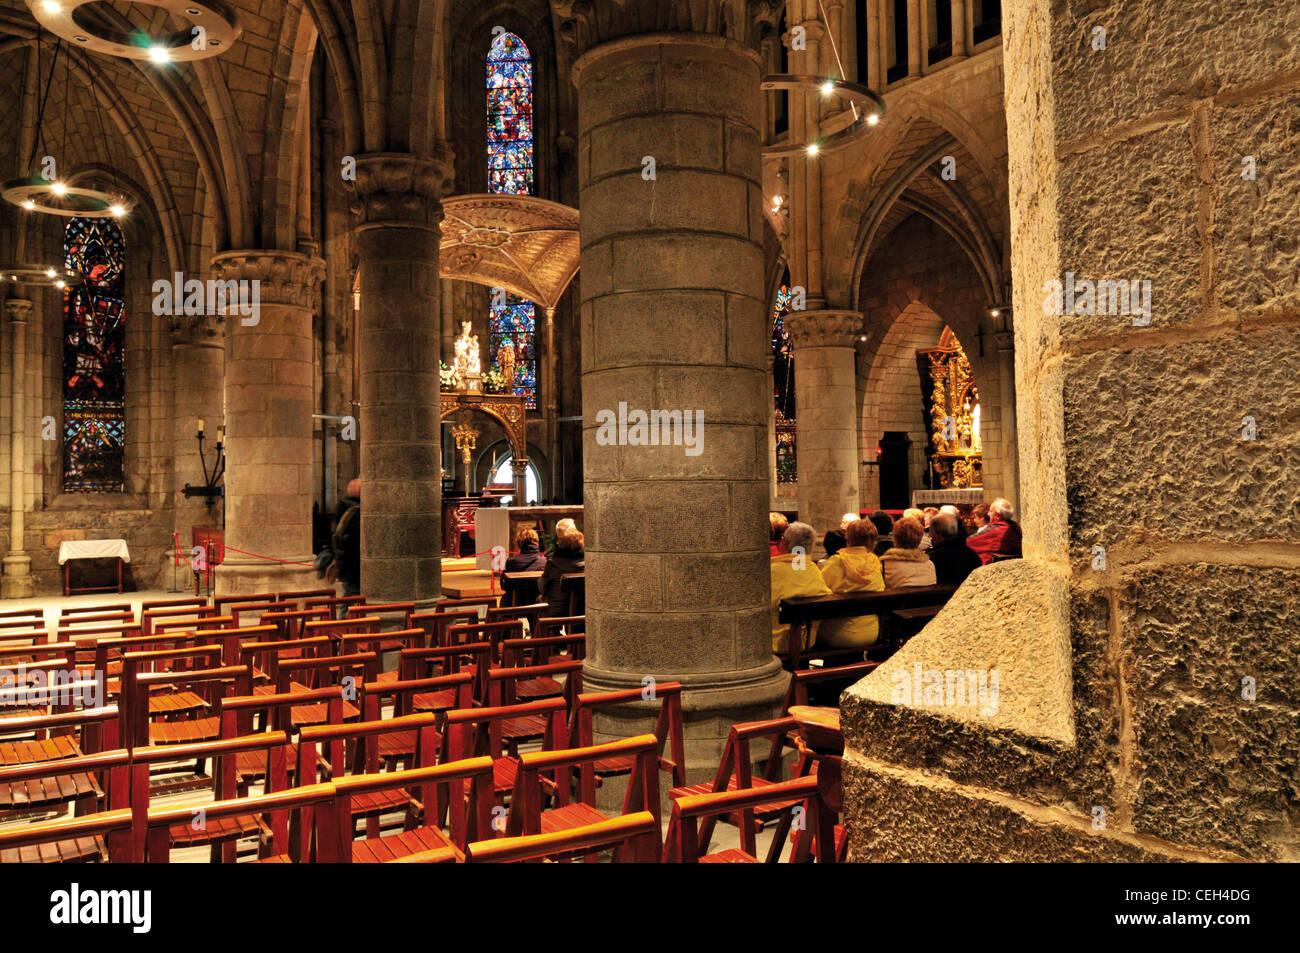 Spain, St. James Way: Pilgrim´s mass at the church La Colegiata de Santa Maria Real in Roncesvalles - Stock Image